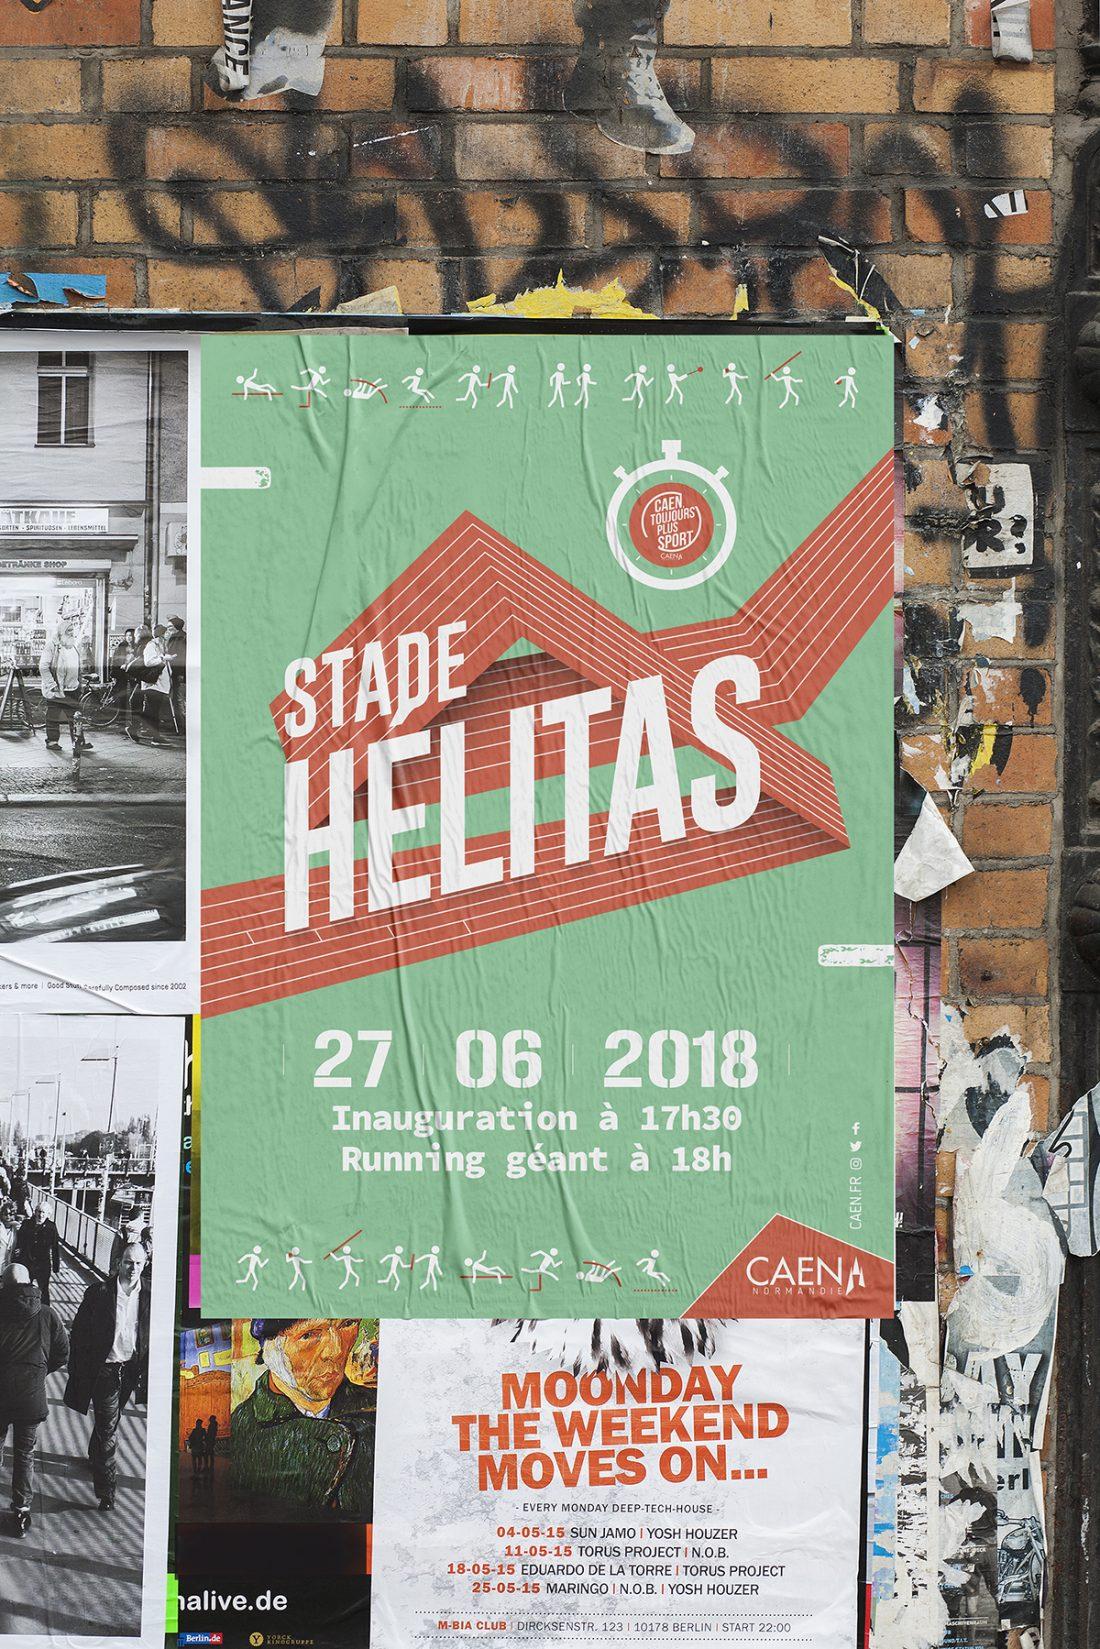 poster - affiche - inauguration - évènement caen normandie - WALA studio graphique